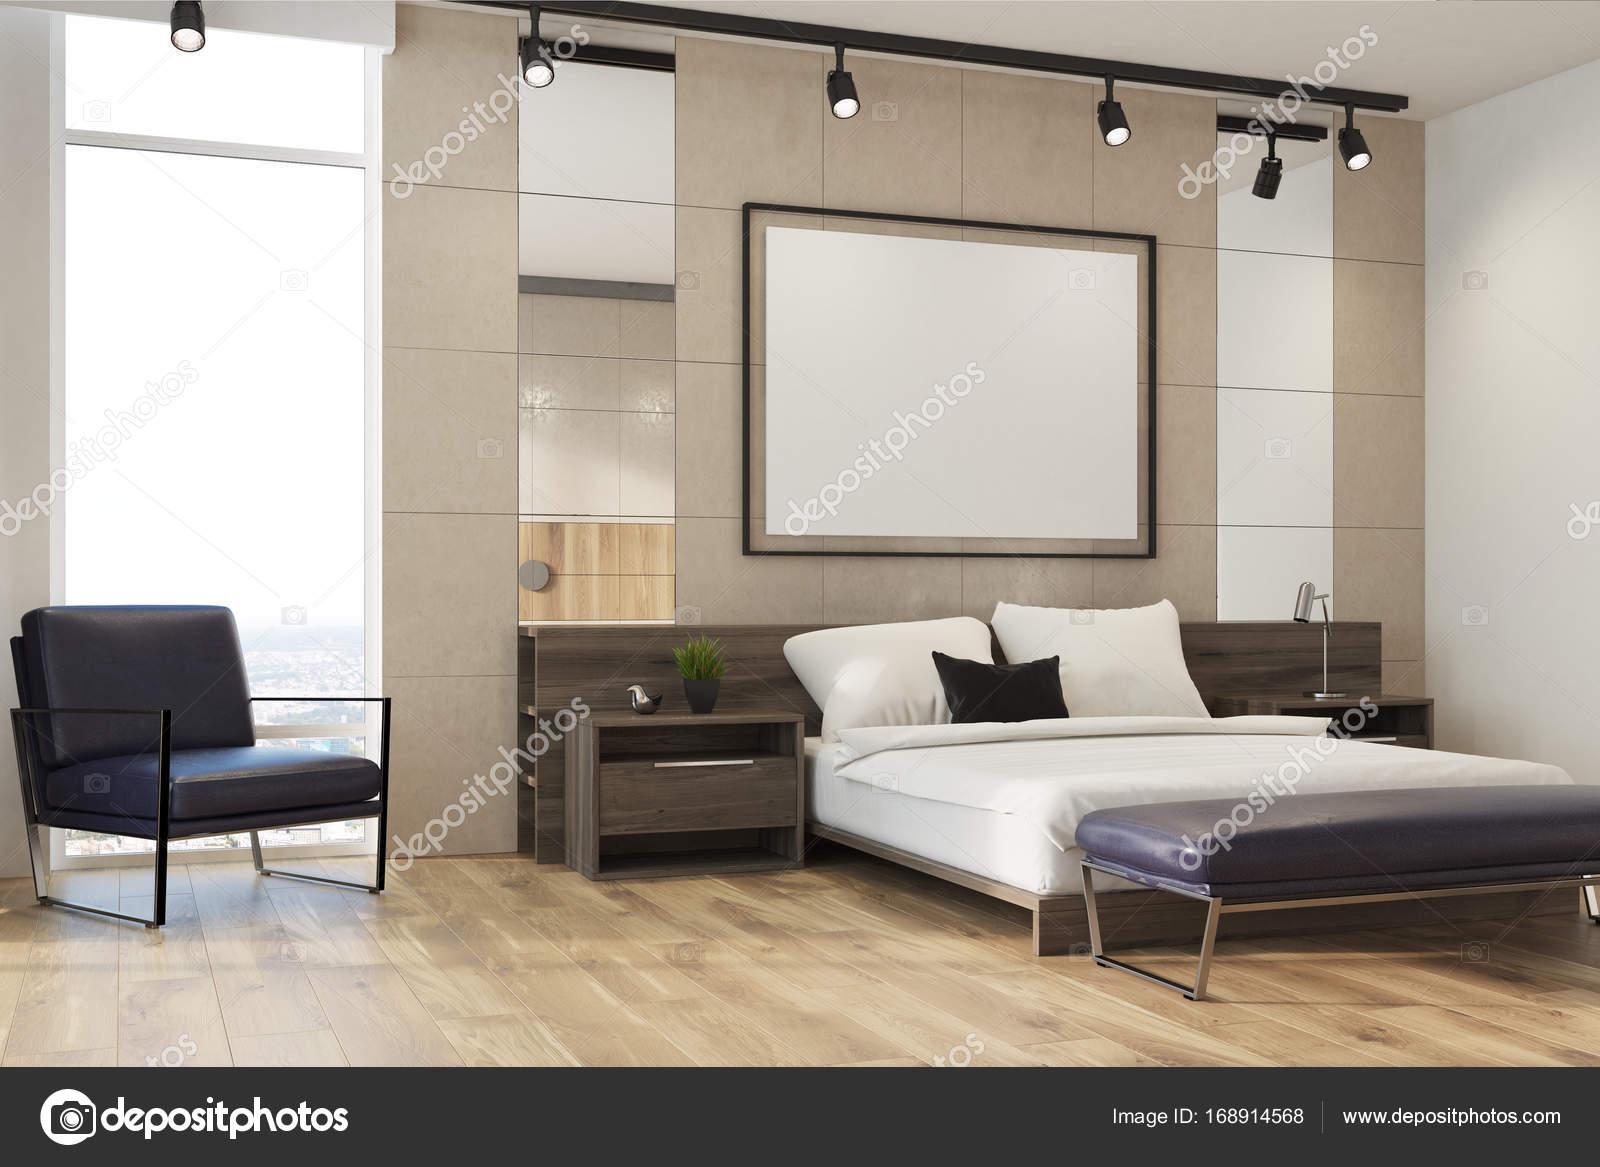 Licht grau Schlafzimmer interior, Poster, Sessel — Stockfoto ...